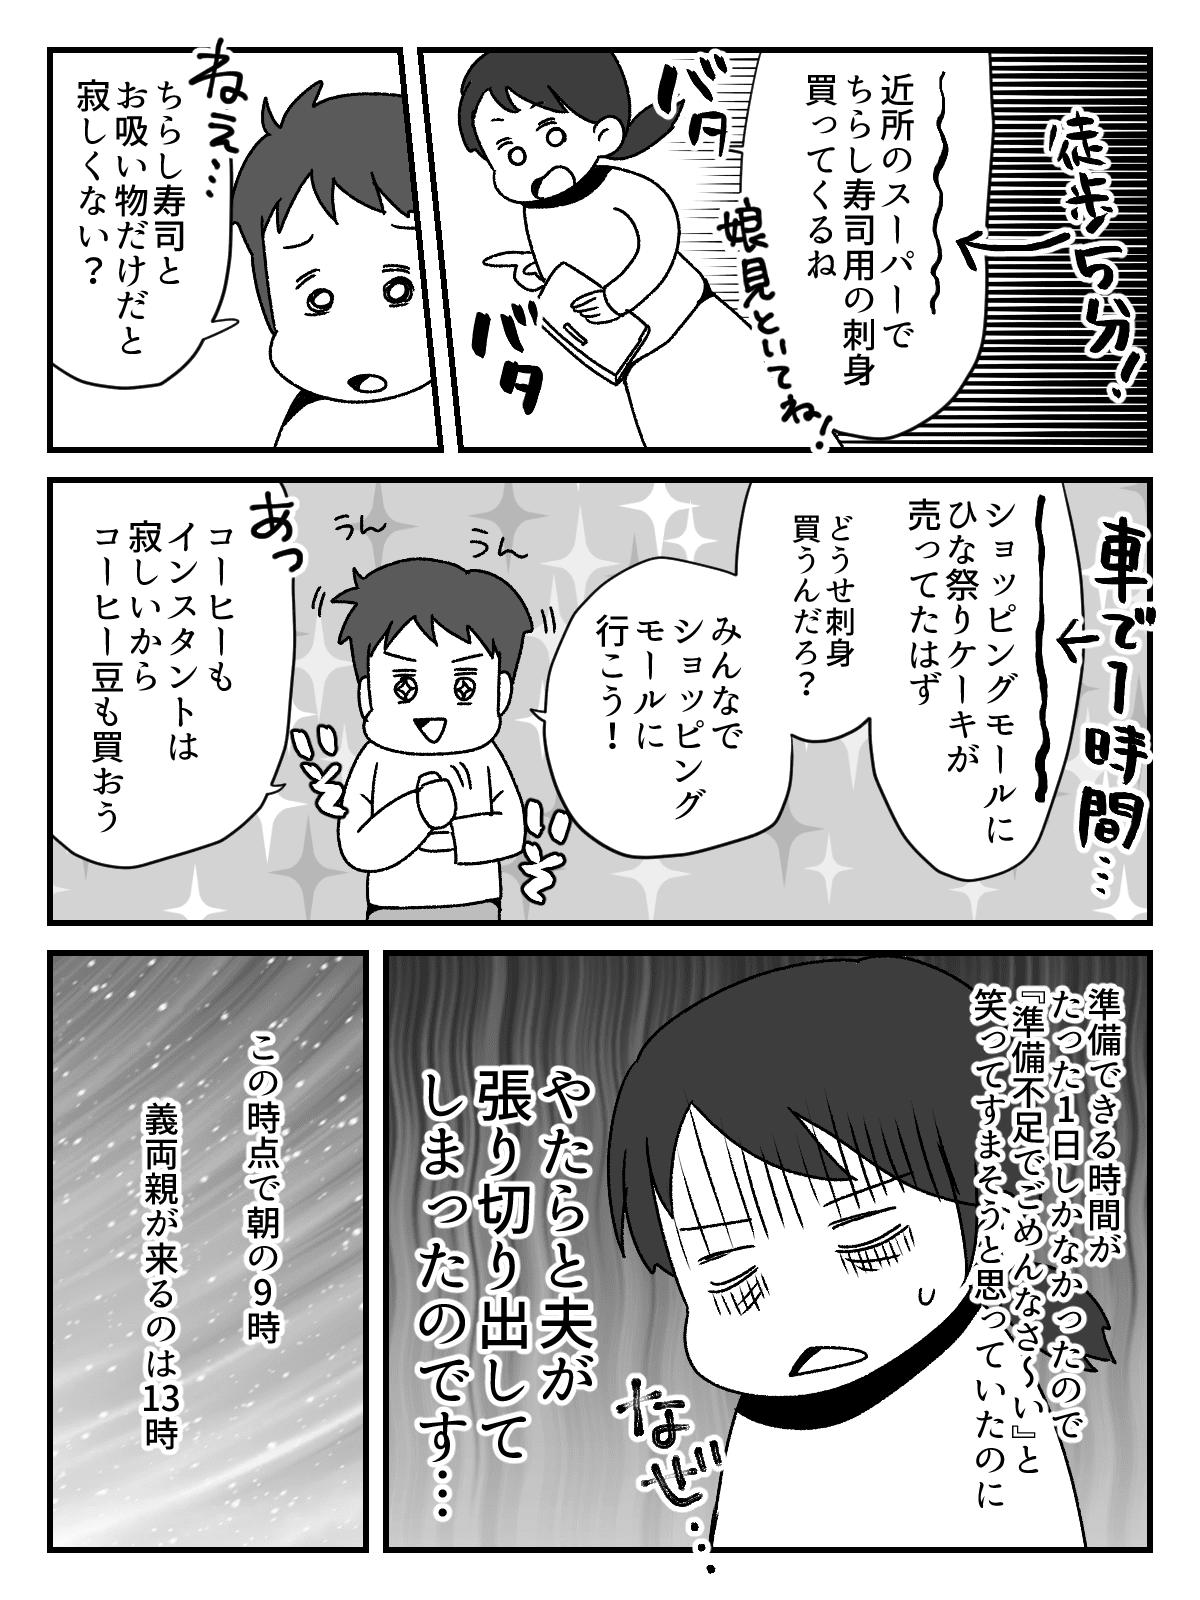 【前編】「せっかく娘のひな祭りなのに!」